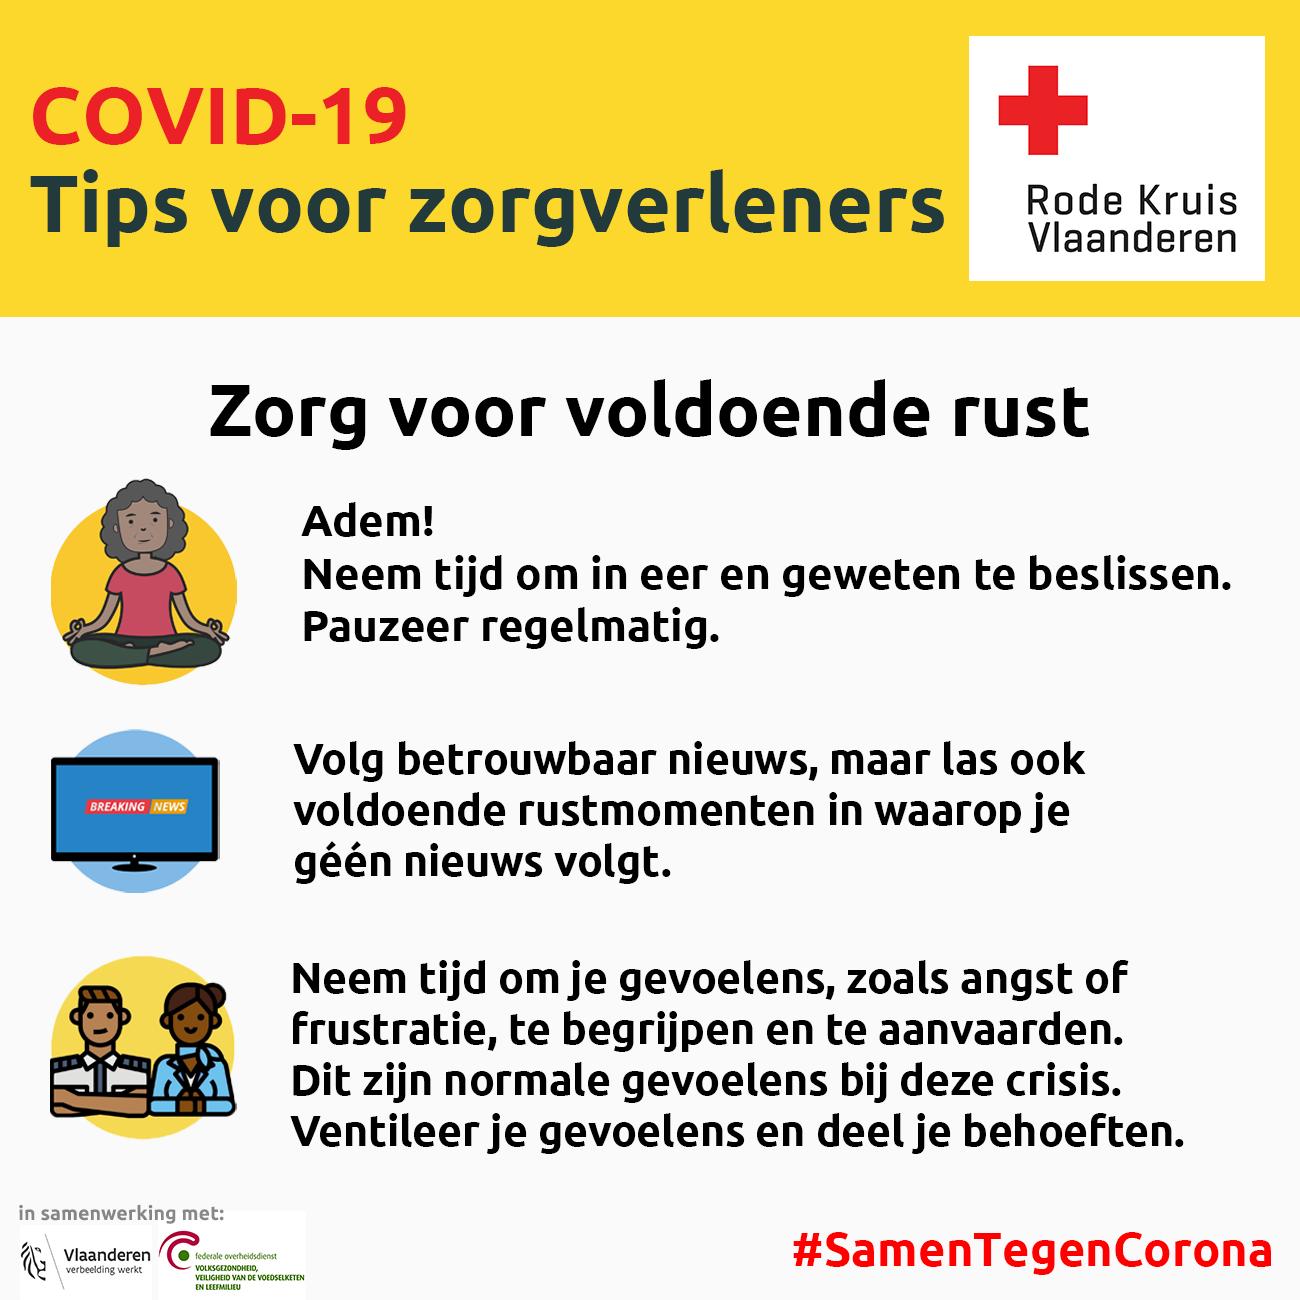 Coronavirus: zorg voor voldoende rust